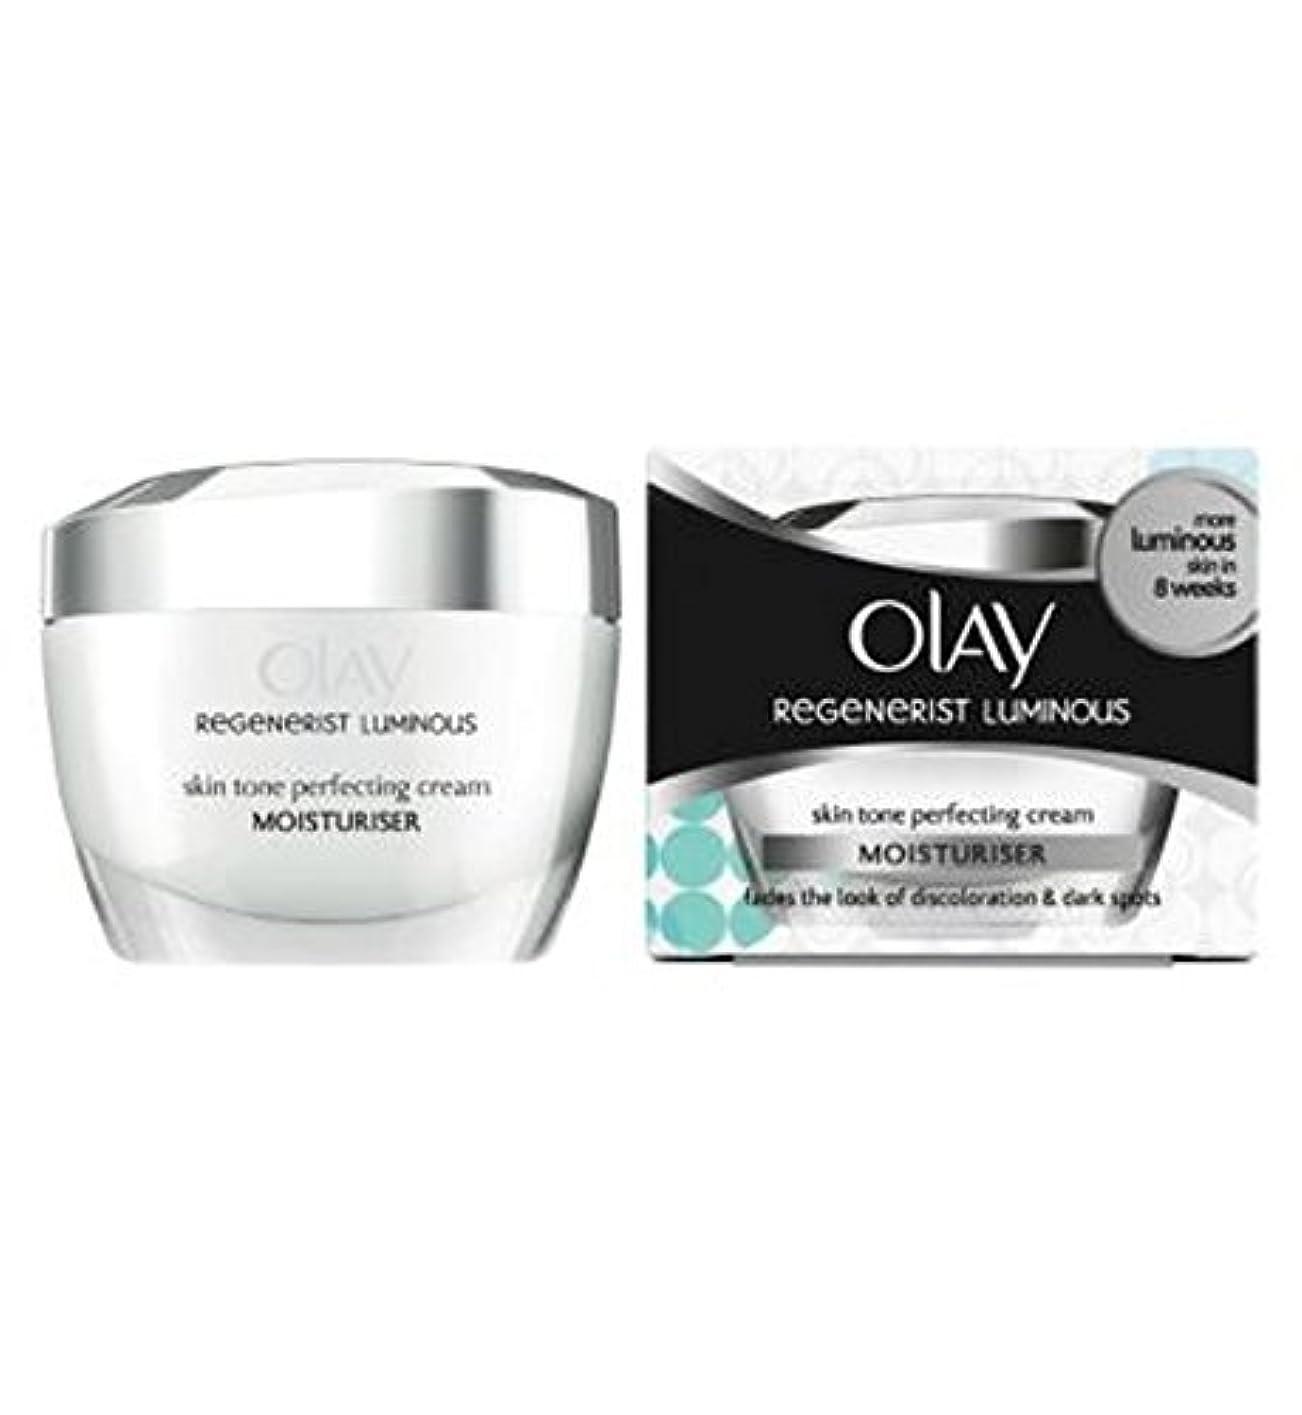 ほとんどないハンサム二度デイクリーム50ミリリットルを完成オーレイリジェネ発光肌のトーン (Olay) (x2) - Olay Regenerist Luminous Skin Tone Perfecting Day Cream 50ml (Pack of 2) [並行輸入品]